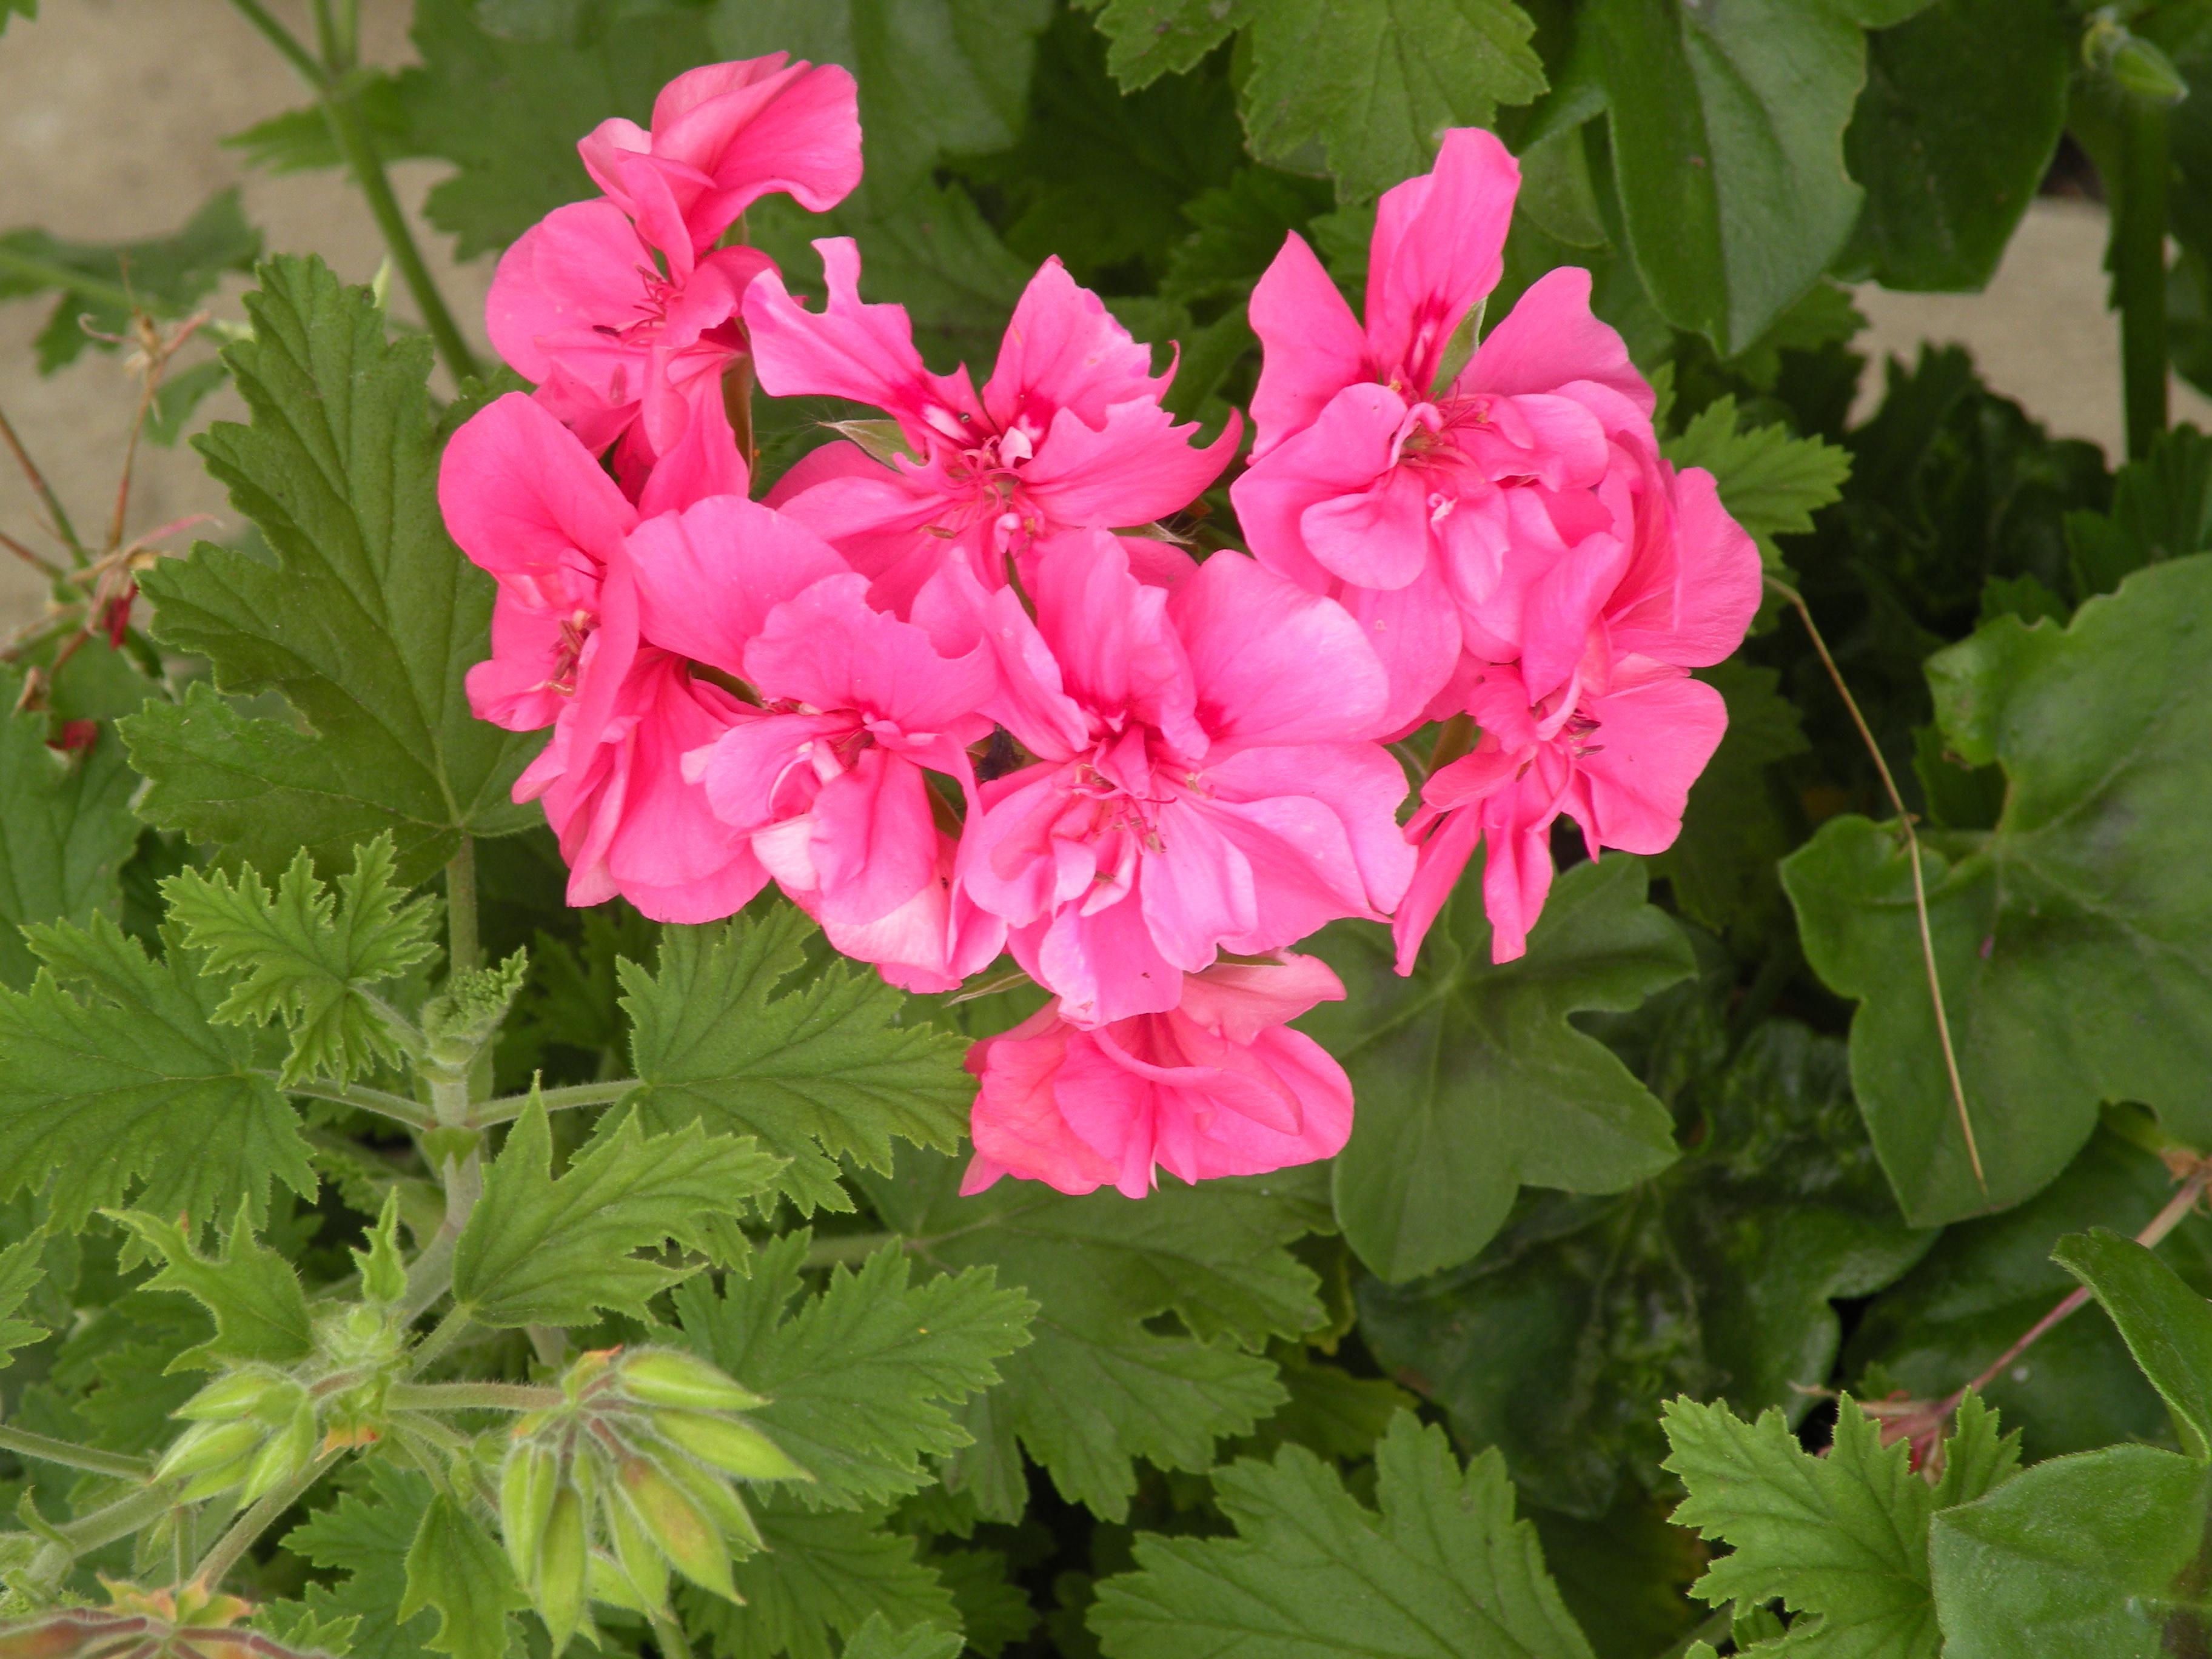 Production florale esat vivre - Geranium lierre double ...